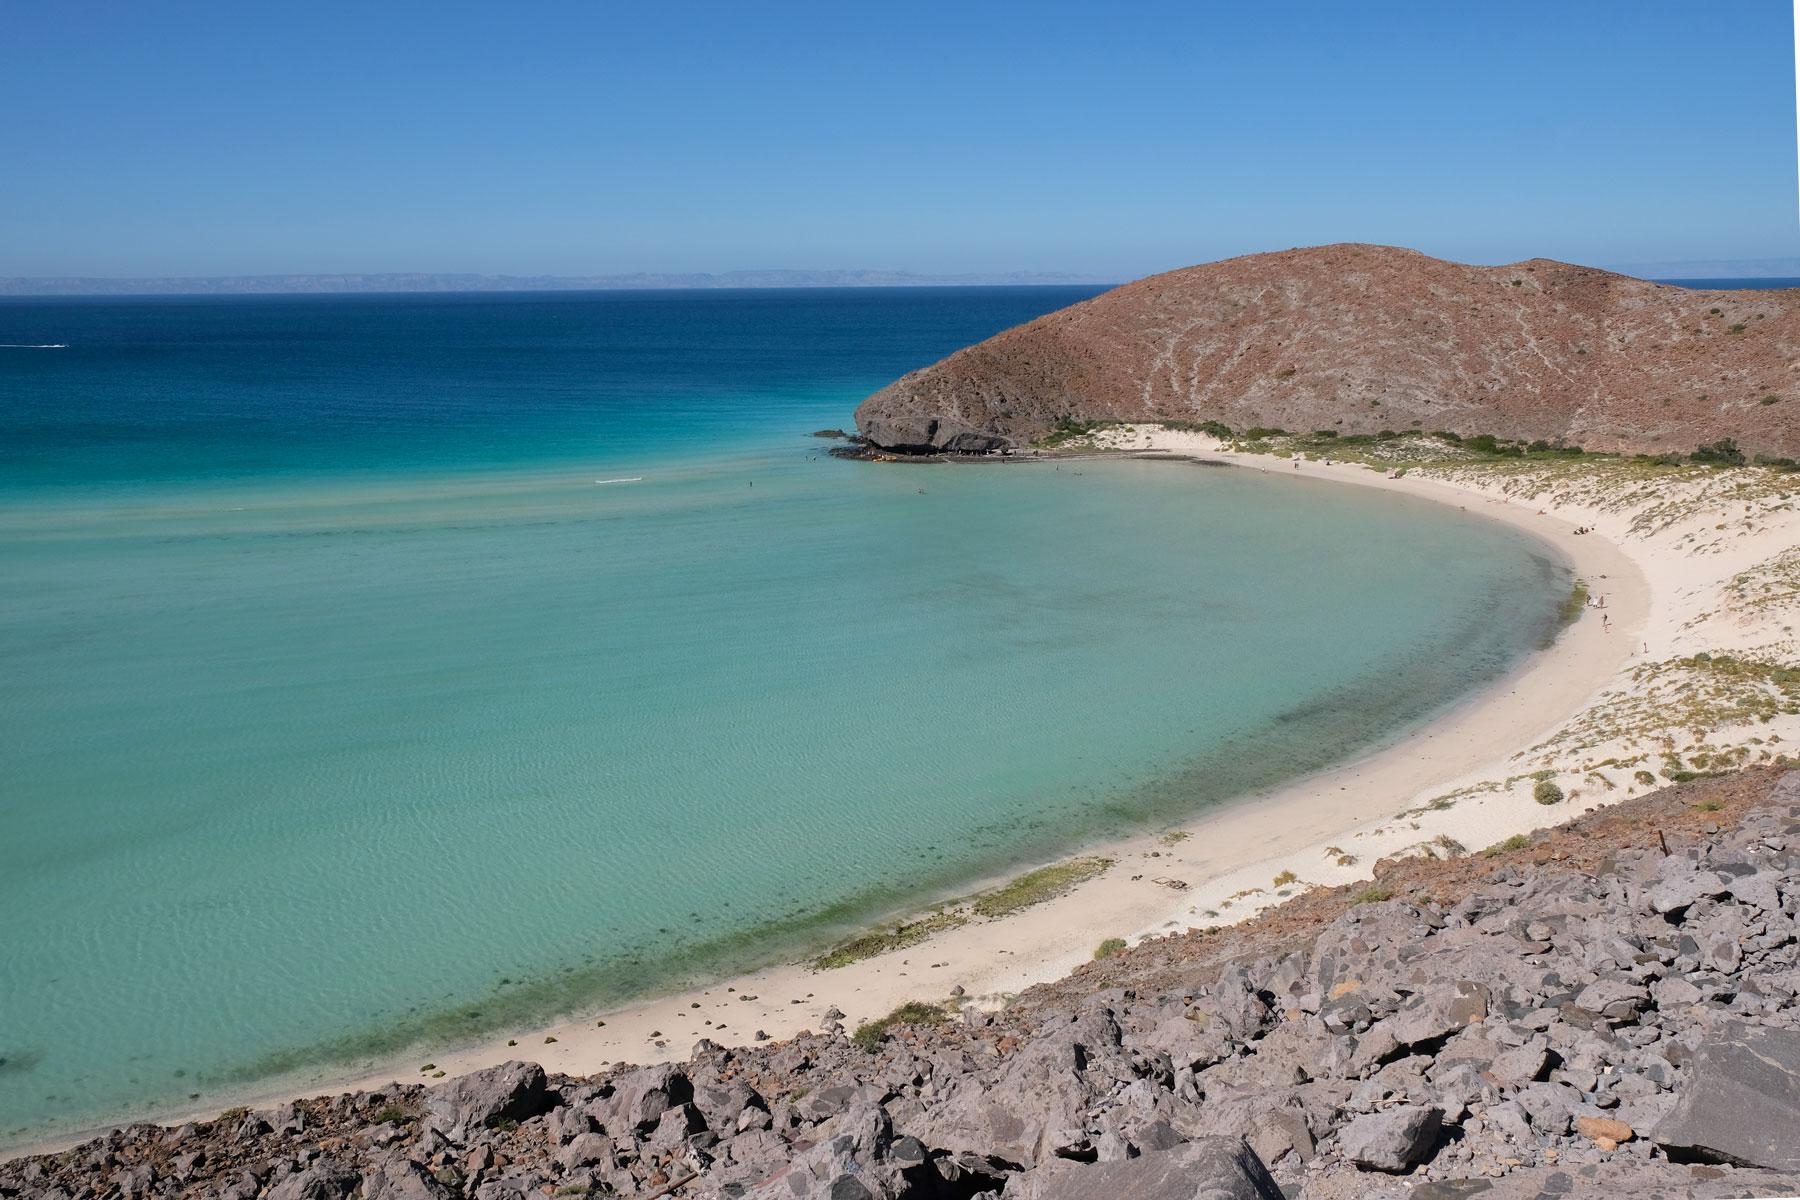 In der Nähe von La Paz in Mexiko befindet sich der Strand Balandra.